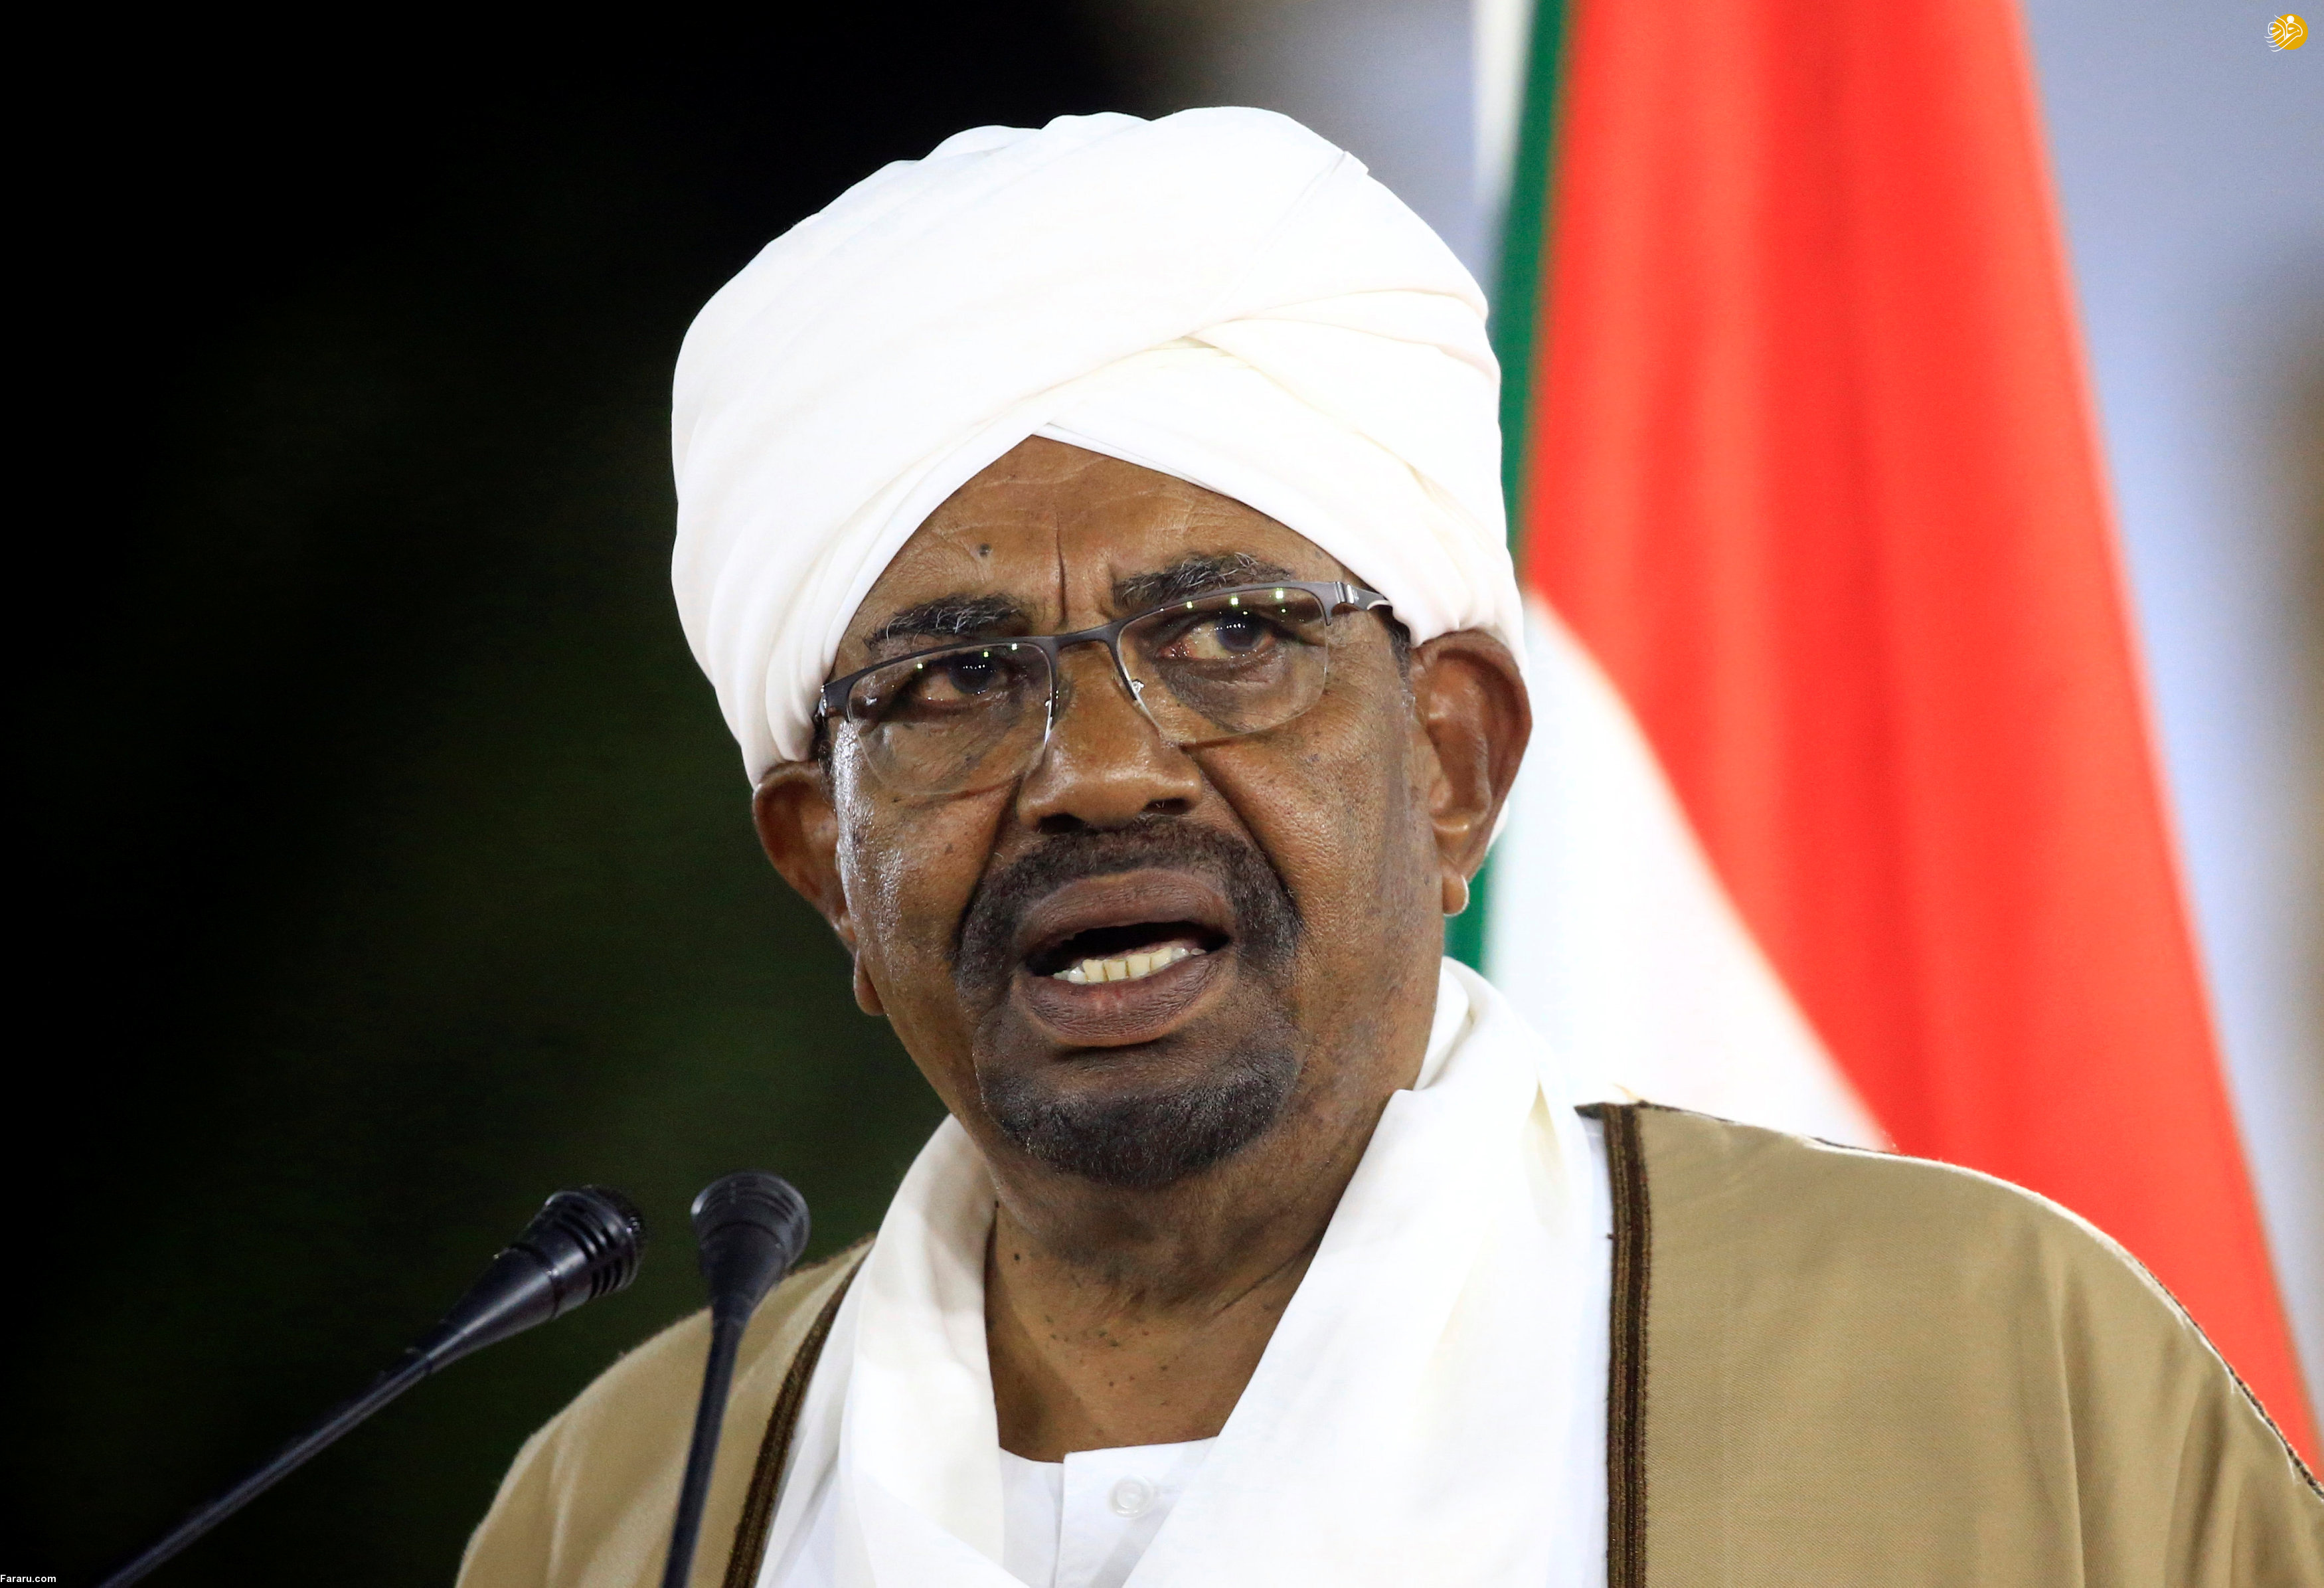 عمر «البشیر» از قدرت کنارهگیری کرد/ احتمال کودتای نظامی در سودان